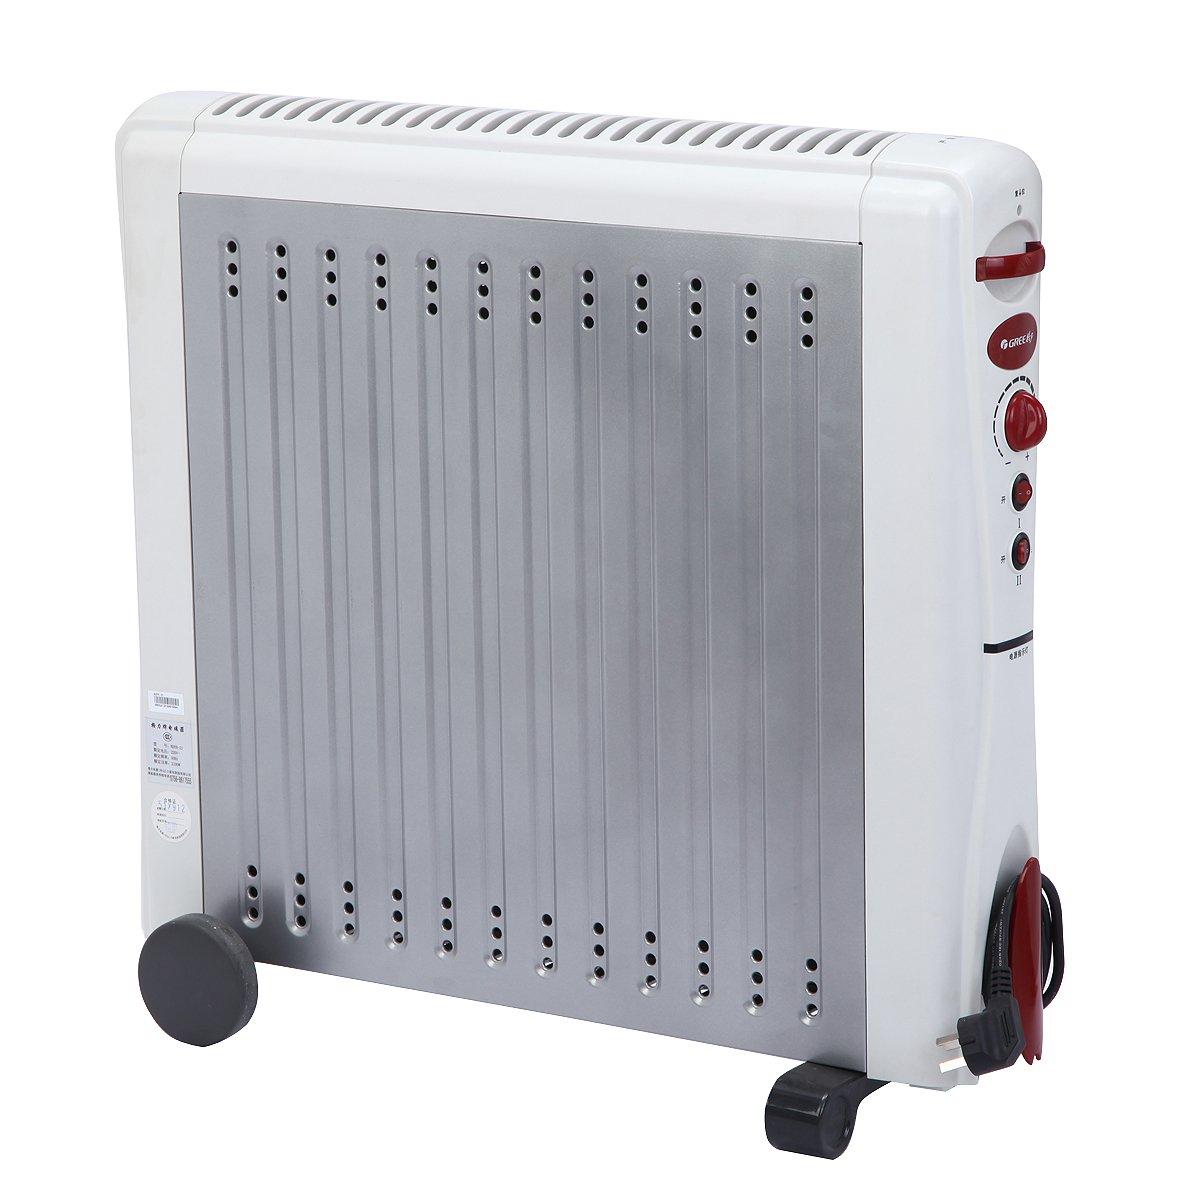 格力电暖器怎么样_格力牌电暖器ndyh-21 白色